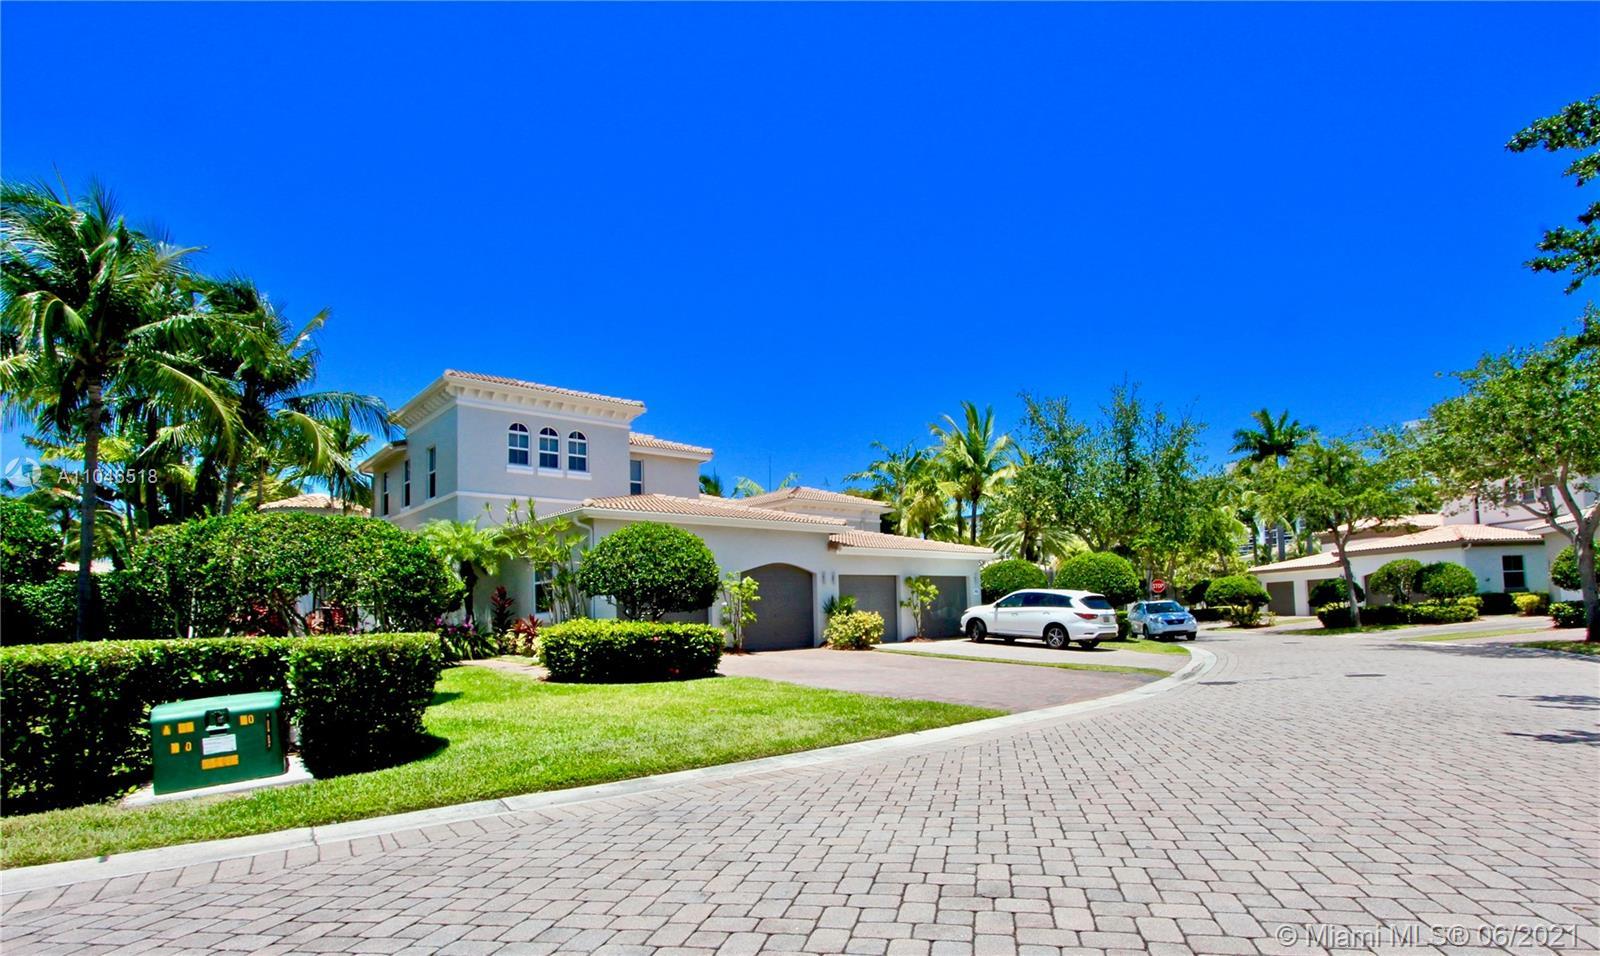 Harbor Islands - 867 W Spinnaker Dr W, Hollywood, FL 33019